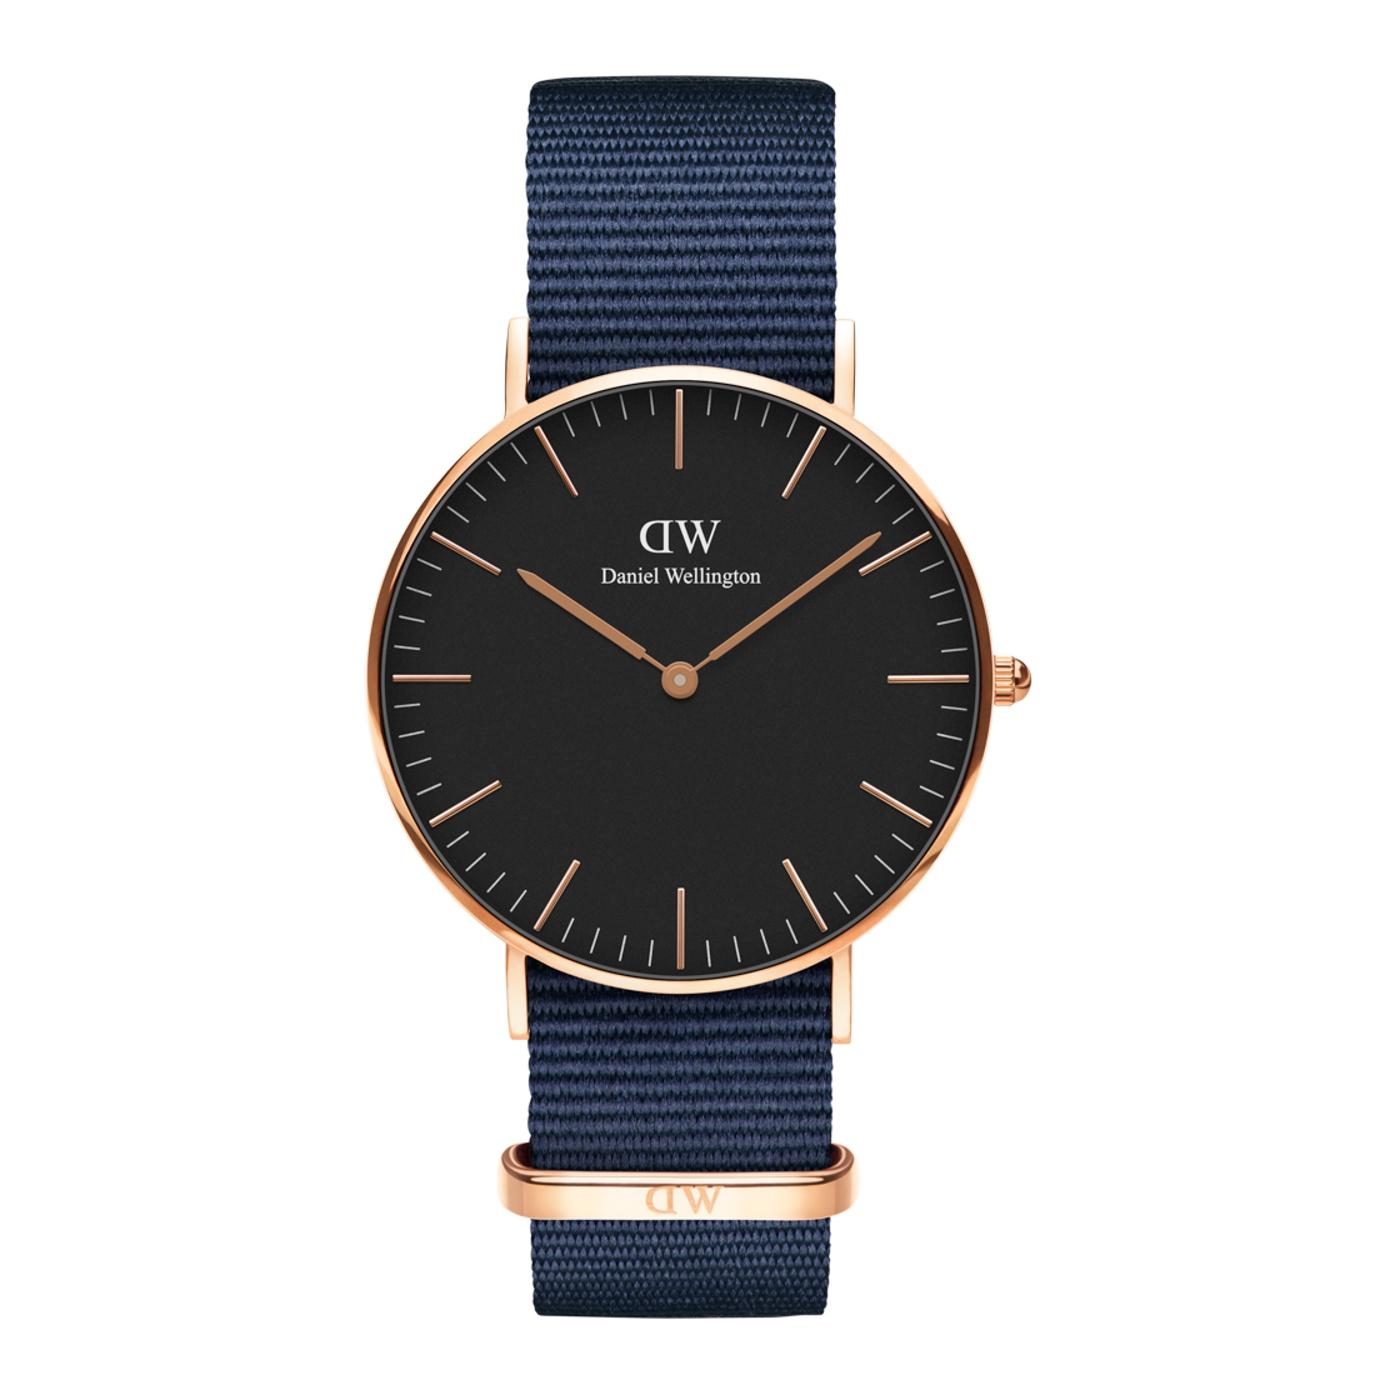 Afbeelding van Daniel Wellington Classic Bayswater horloge DW00100281 (36 mm)